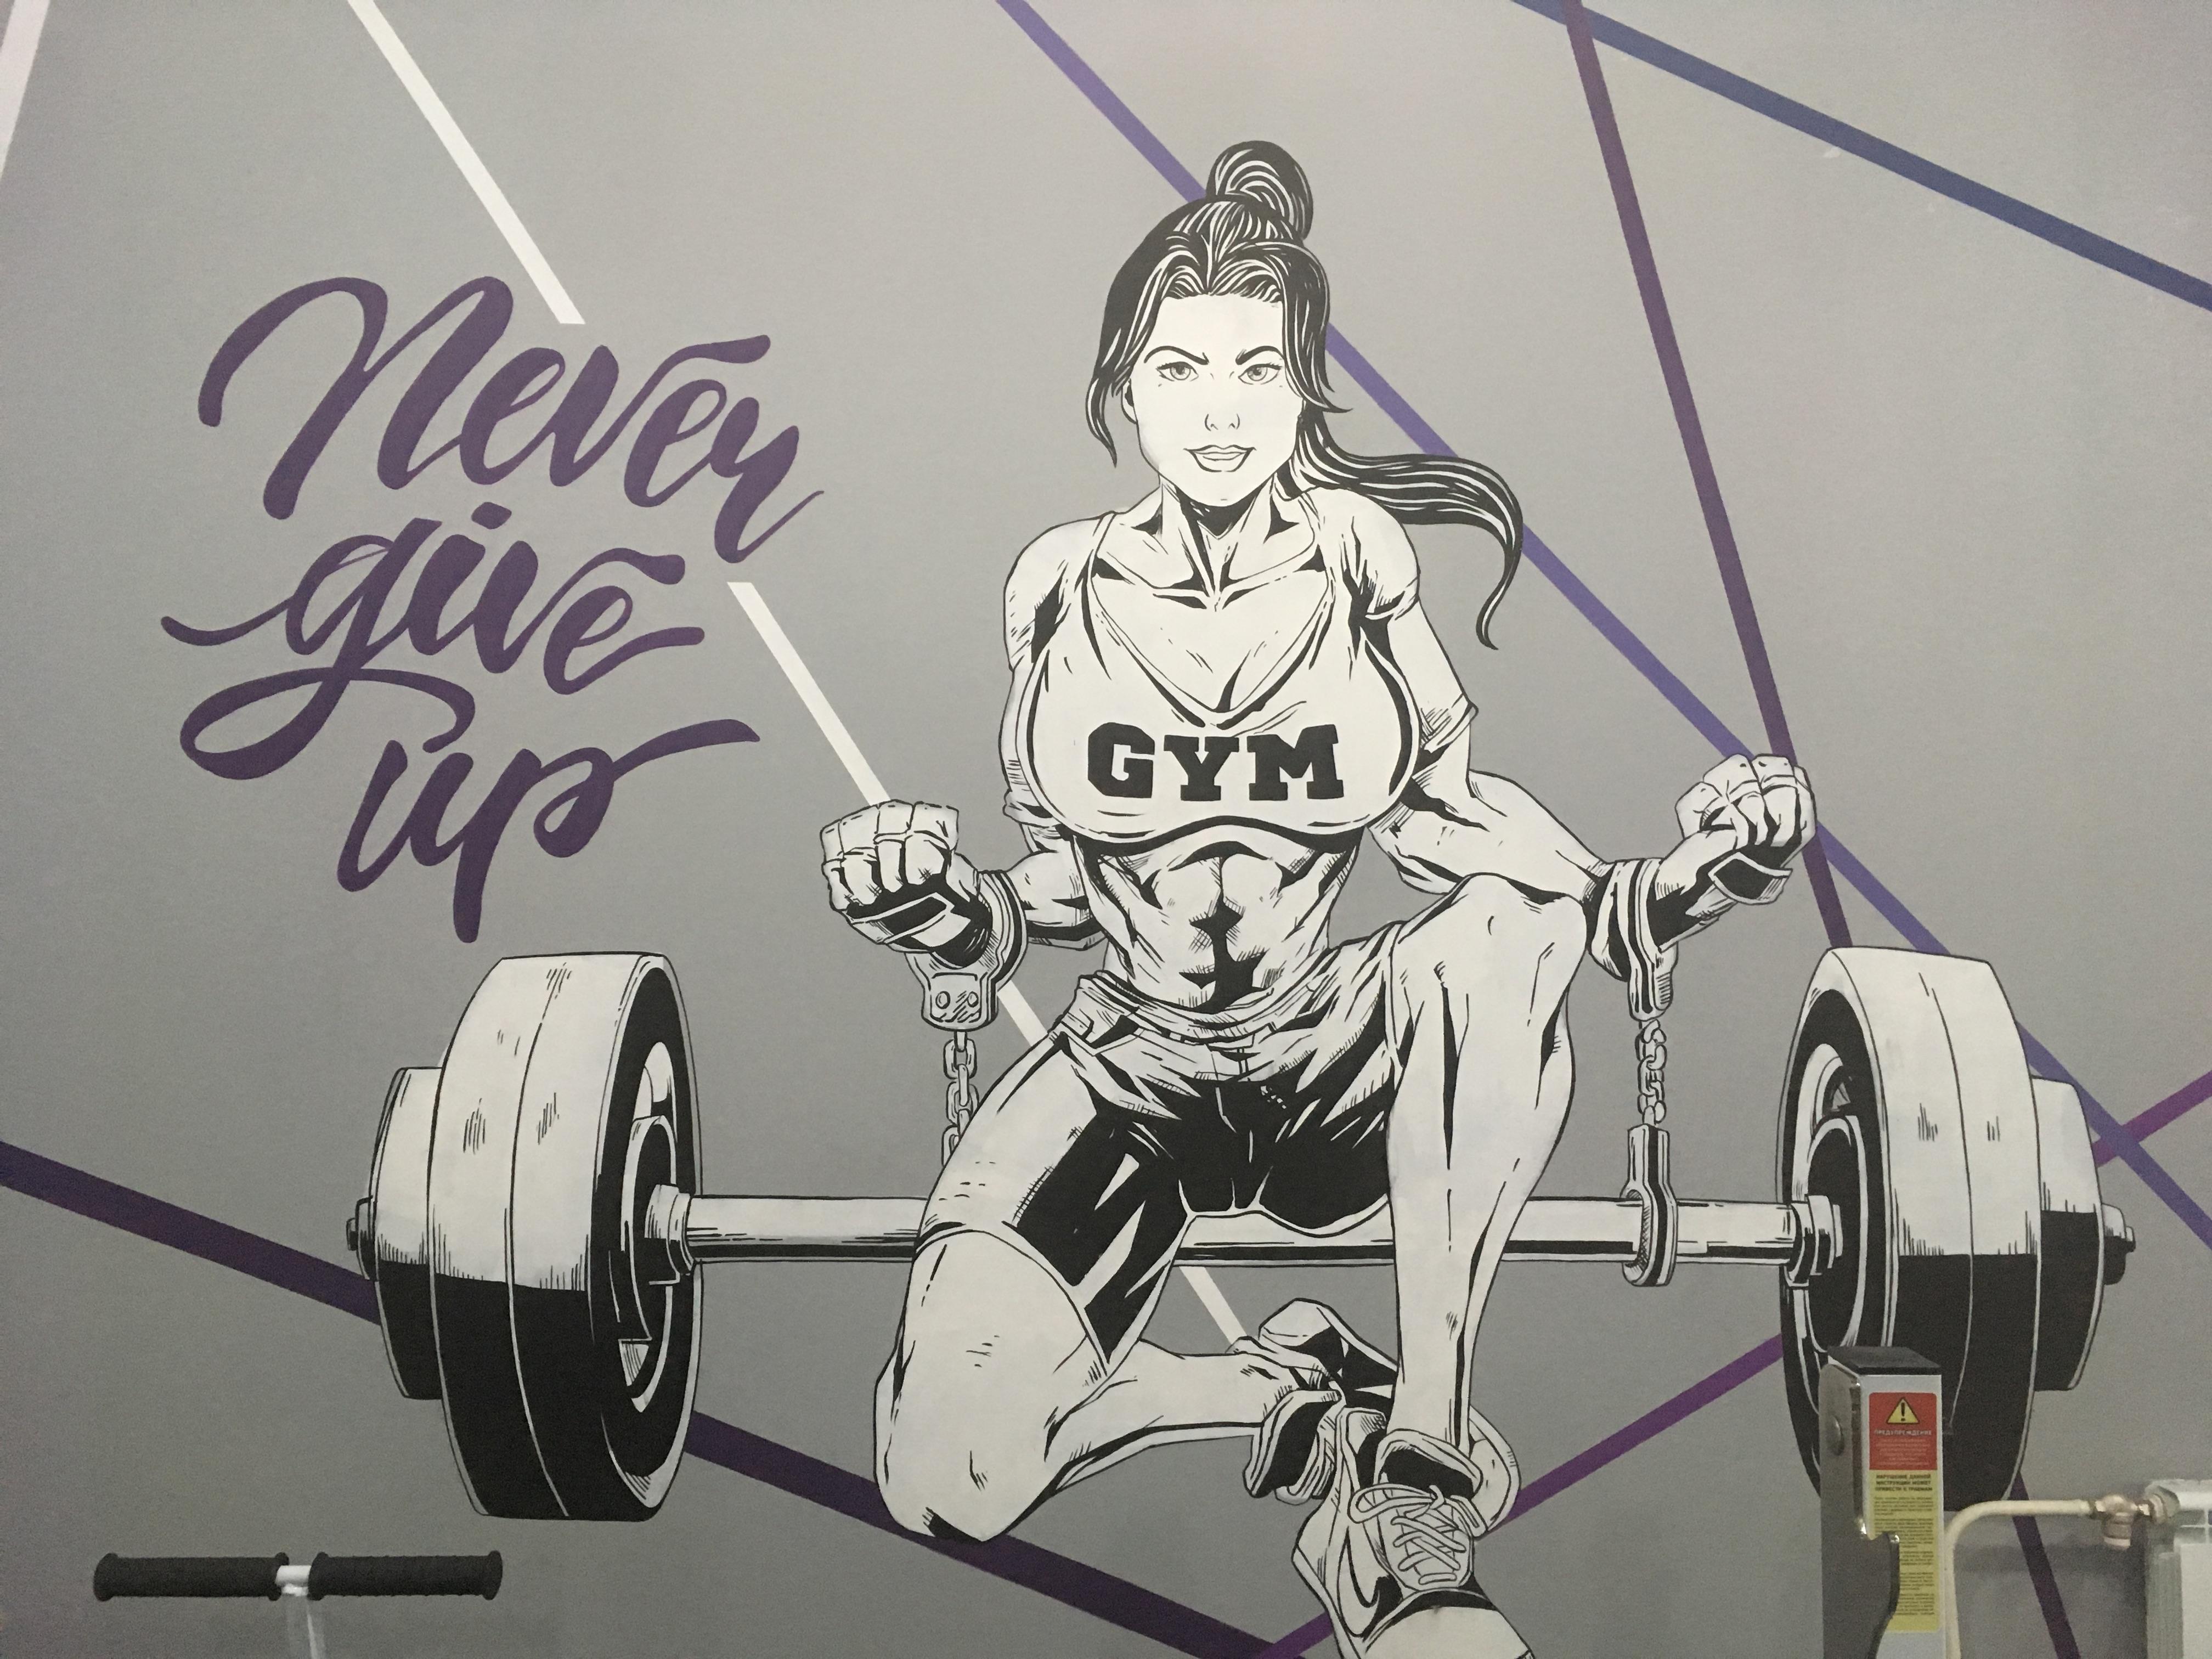 роспись спортзала в стиле аниме -силуэты спортсменов атлетов